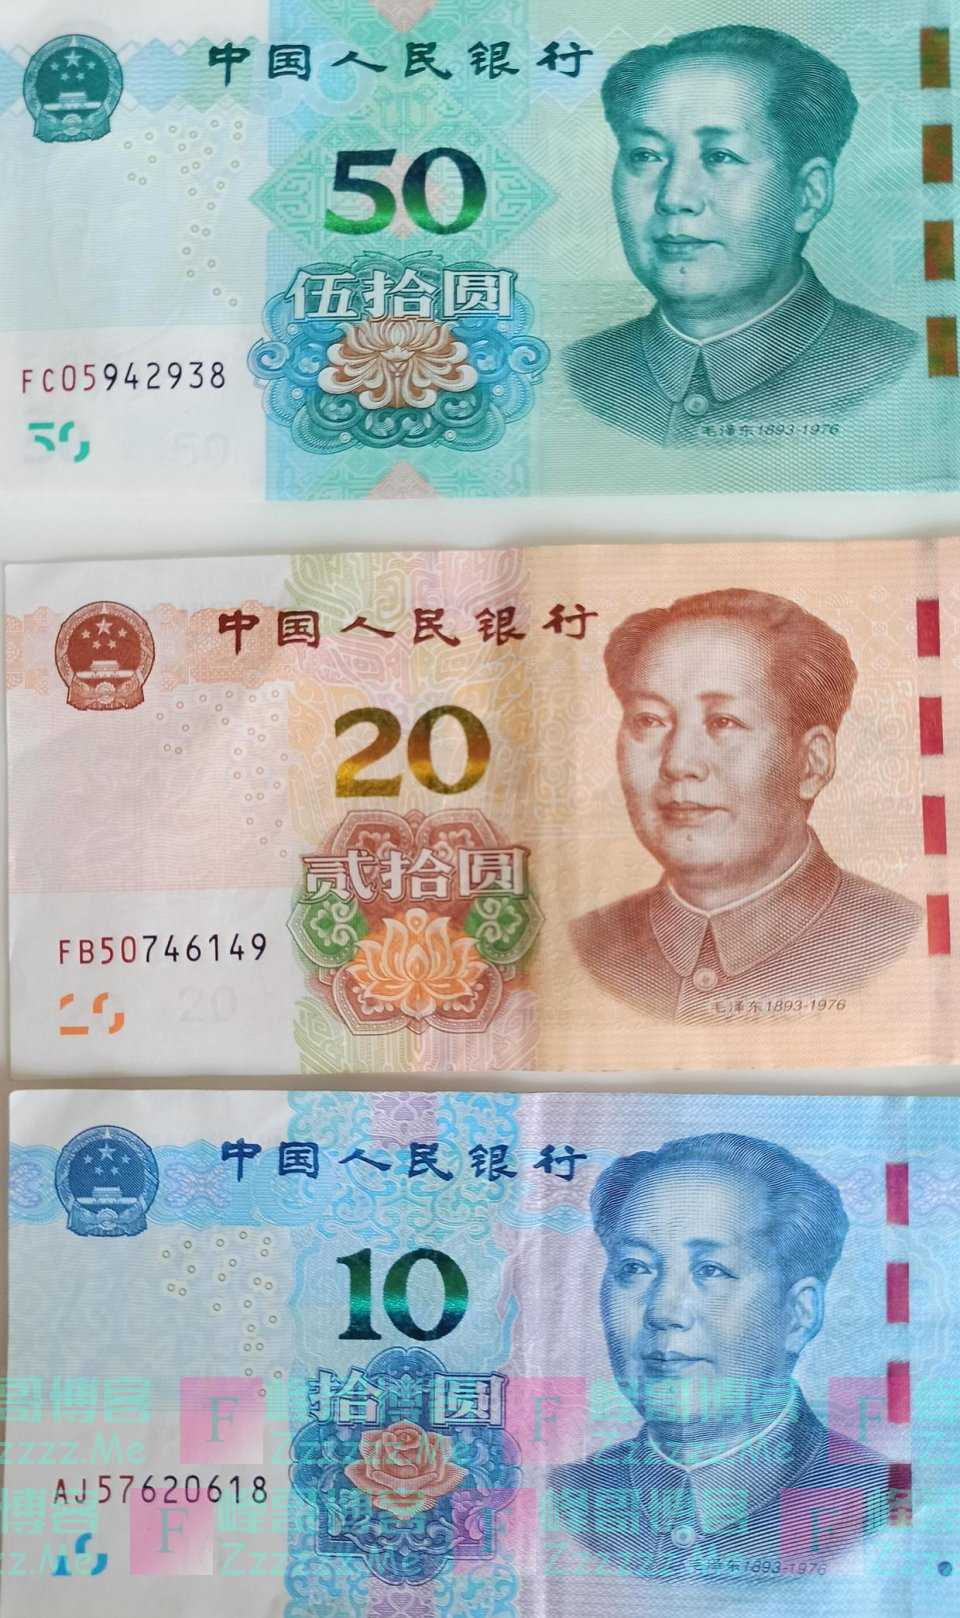 """""""罕见""""的新版人民币,已发行近10个月,为何还是难得一见?"""